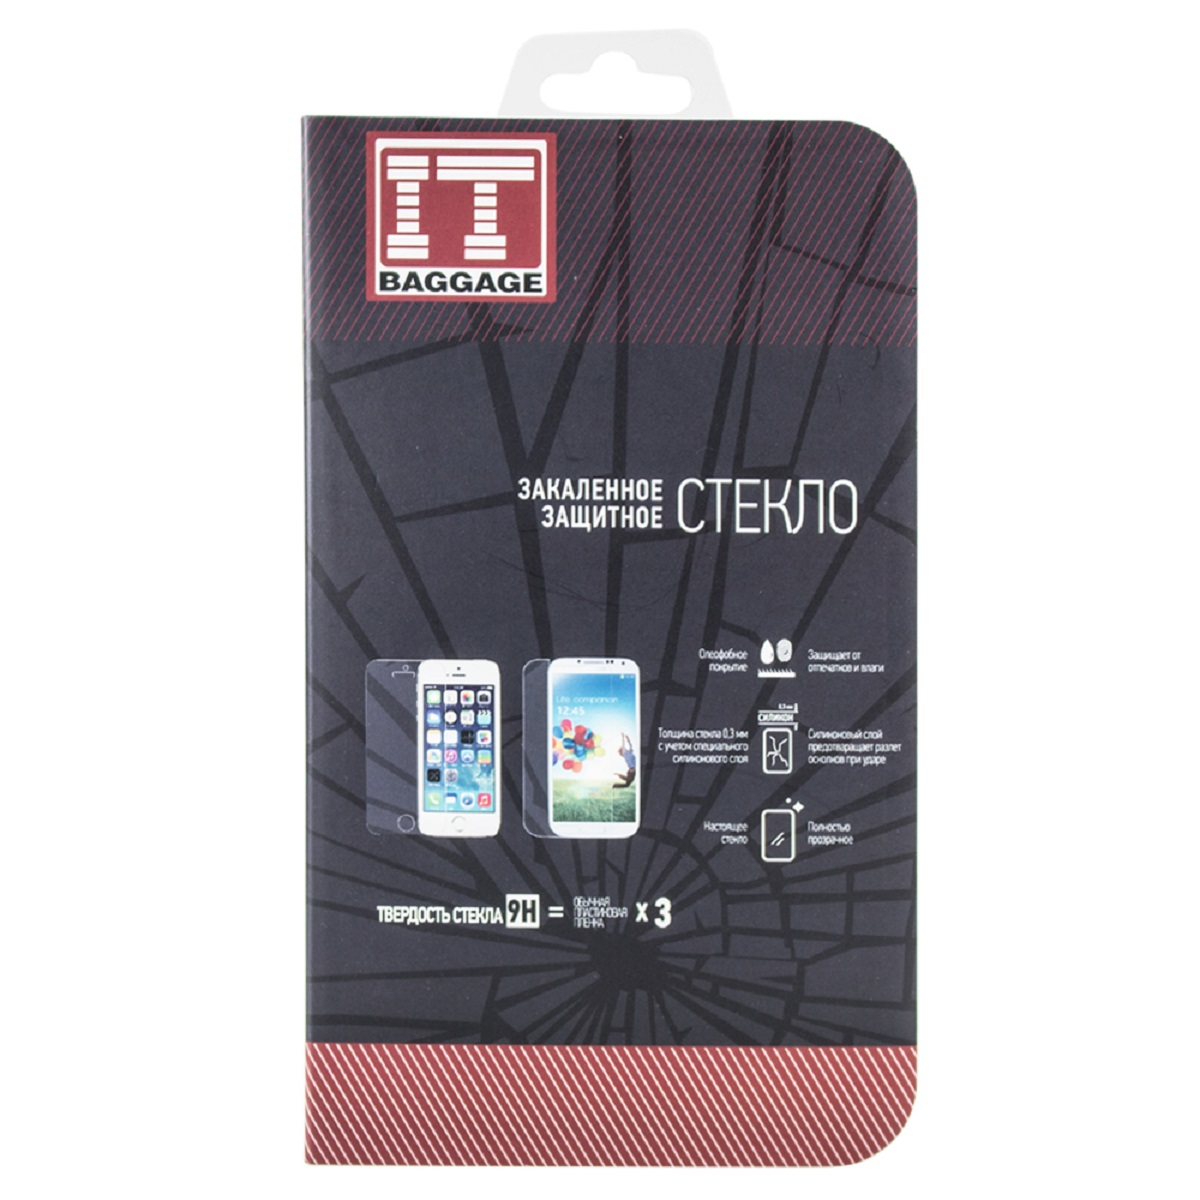 IT Baggage защитное стекло для Meizu PRO 6ITMZPR6GЗакаленное стекло IT Baggage для Meizu PRO 6 - это самый верный способ защитить экран от повреждений и загрязнений. Обладает высочайшим уровнем прозрачности и совершенно не влияет на отклик экранного сенсора и качество изображения. Препятствует появлению отпечатков и пятен. Удалить следы жира и косметики с поверхности аксессуара не составить ни какого труда.Характеристики защитного стекла делают его износостойким к таким механическим повреждениям, как царапины, сколы, потертости. При сильном ударе разбившееся стекло не разлетается на осколки, предохраняя вас от порезов, а экран устройства от повреждений.После снятия защитного стекла с поверхности дисплея, на нем не остаются повреждения, такие как потертости и царапины.